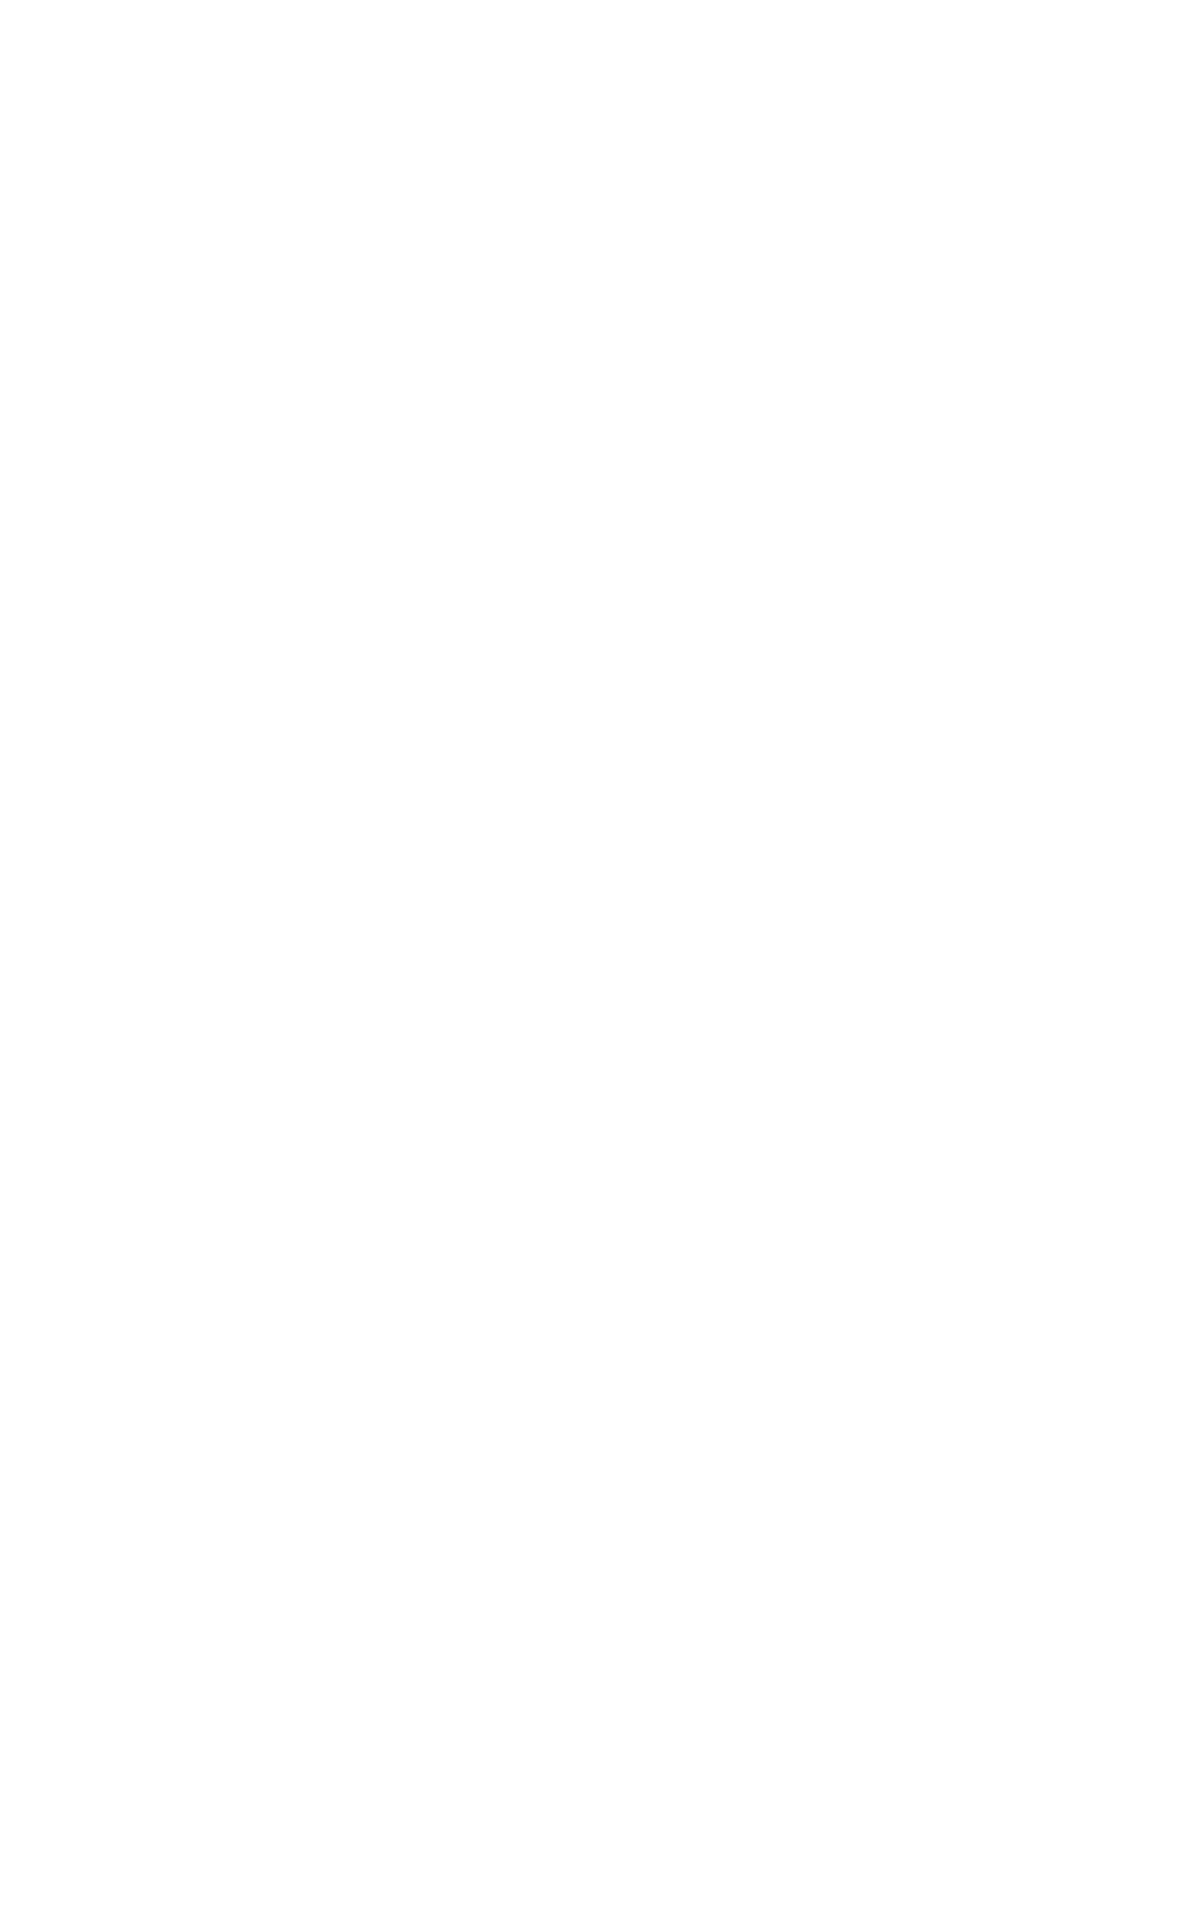 Jovi Realty